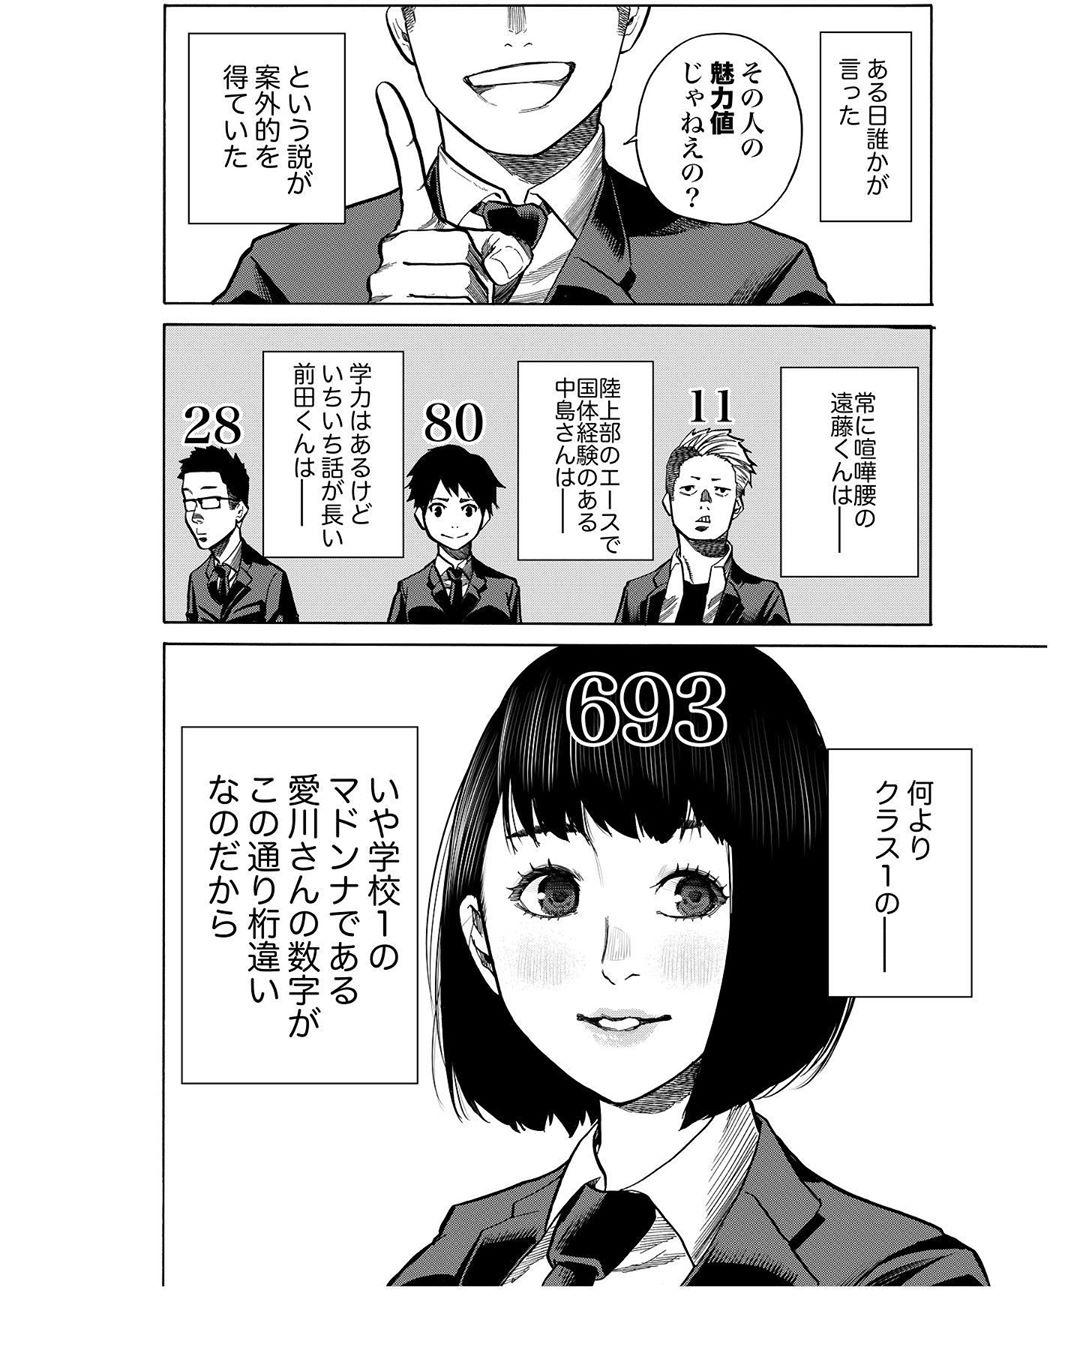 kawakamidaishirou_89027643_1483745641781392_4570851615280864729_n